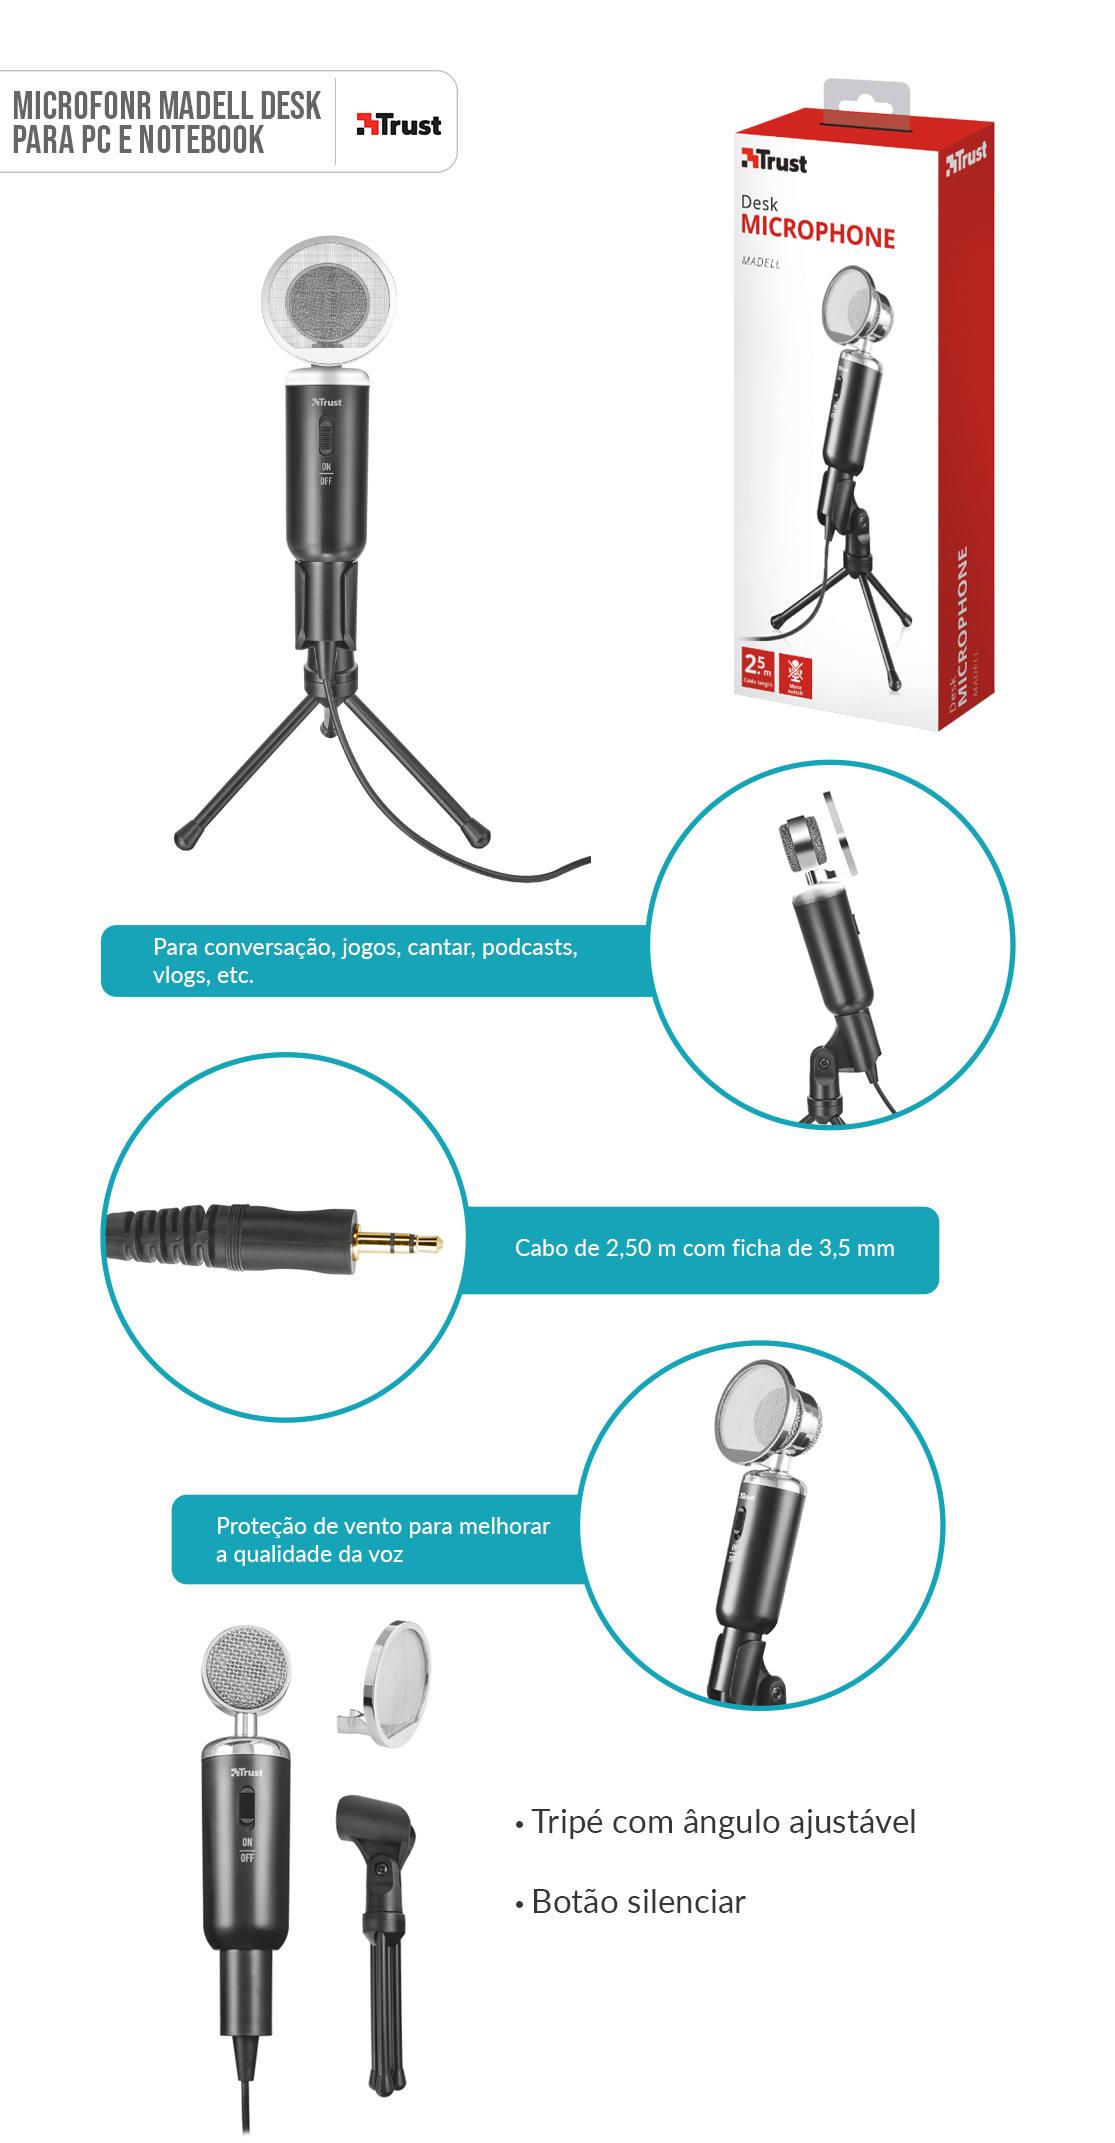 Microfone para PC e Notebook de Alto Desempenho com Tripé Trust Madell